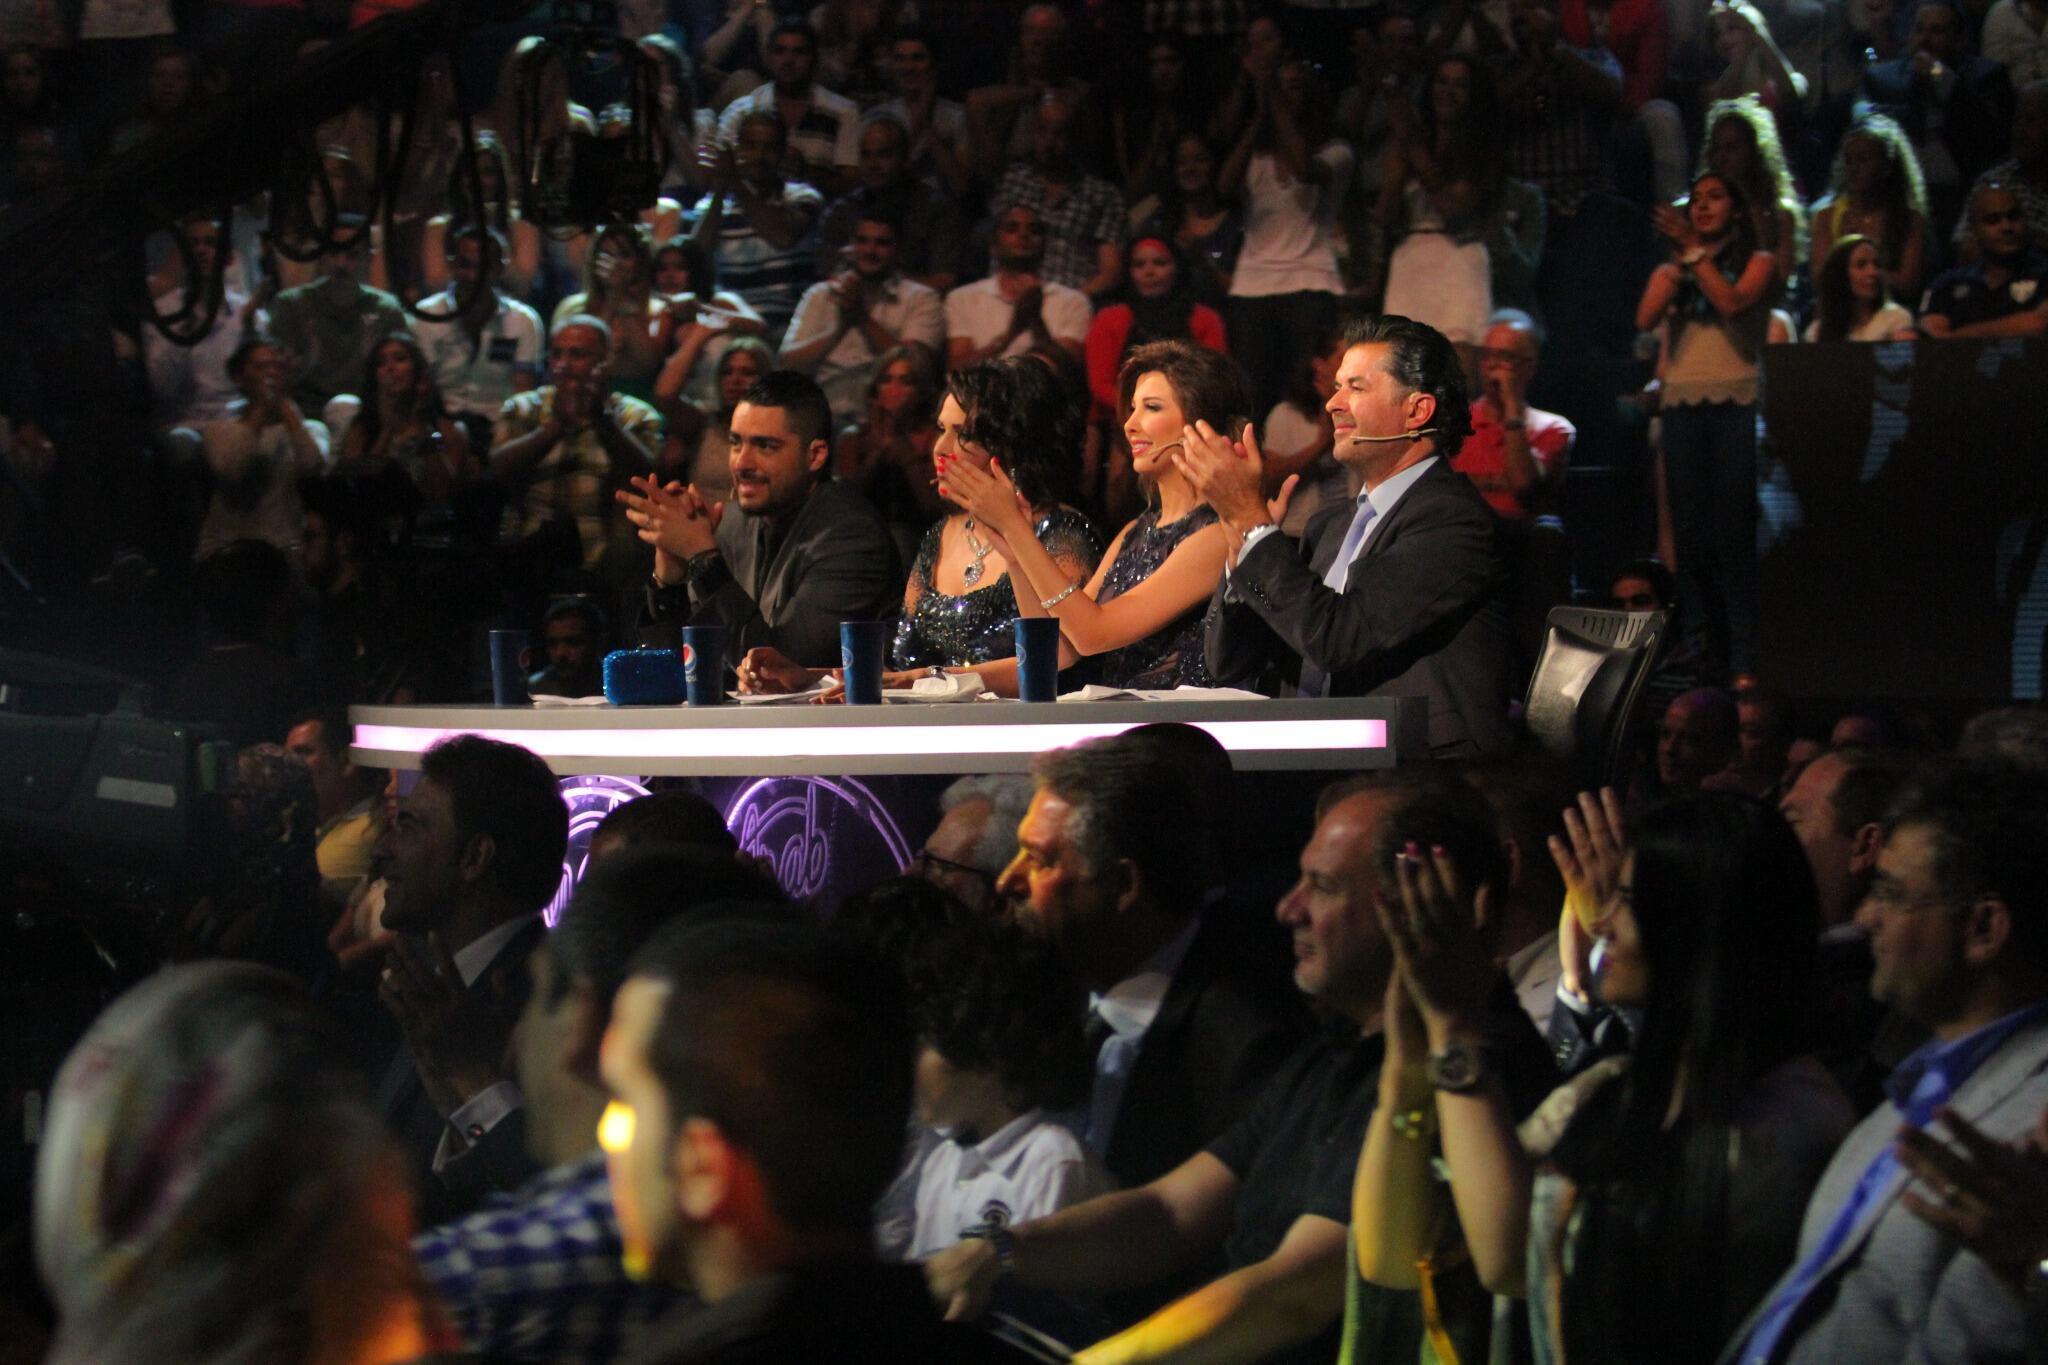 صور لجنة التحكيم بالحلقة 27 من برنامج Arab Idol 2